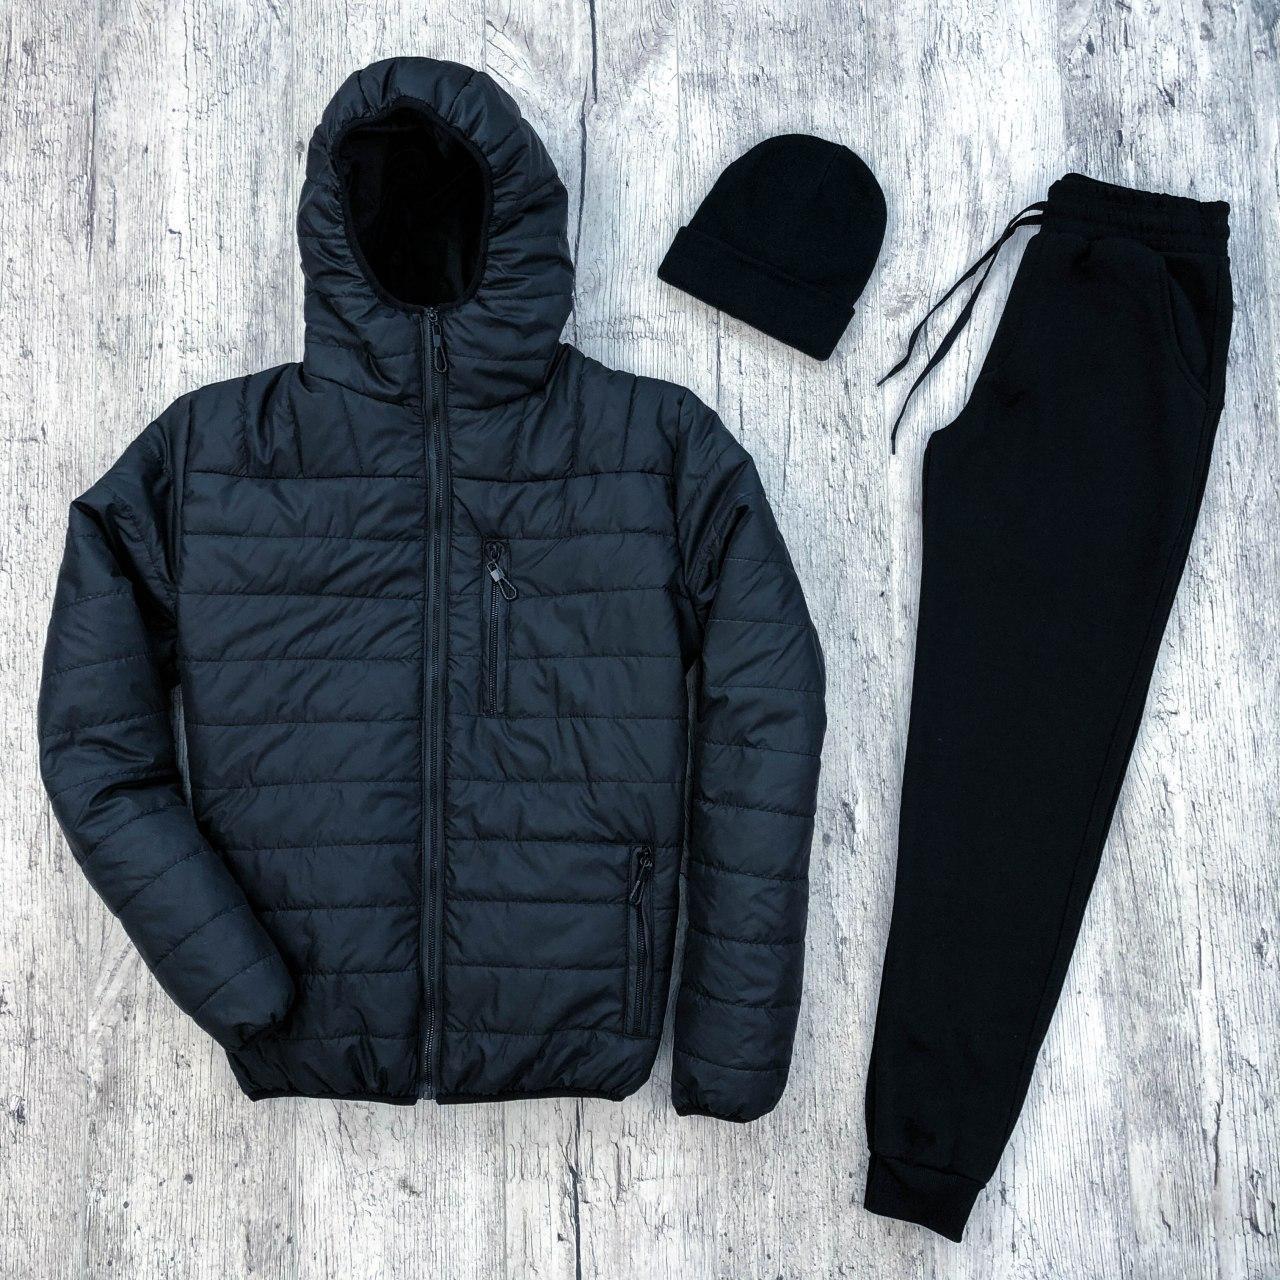 Мужской бомбер + утепленные штаны. Комплект мужской куртка+ штаны. Шапка в подарок